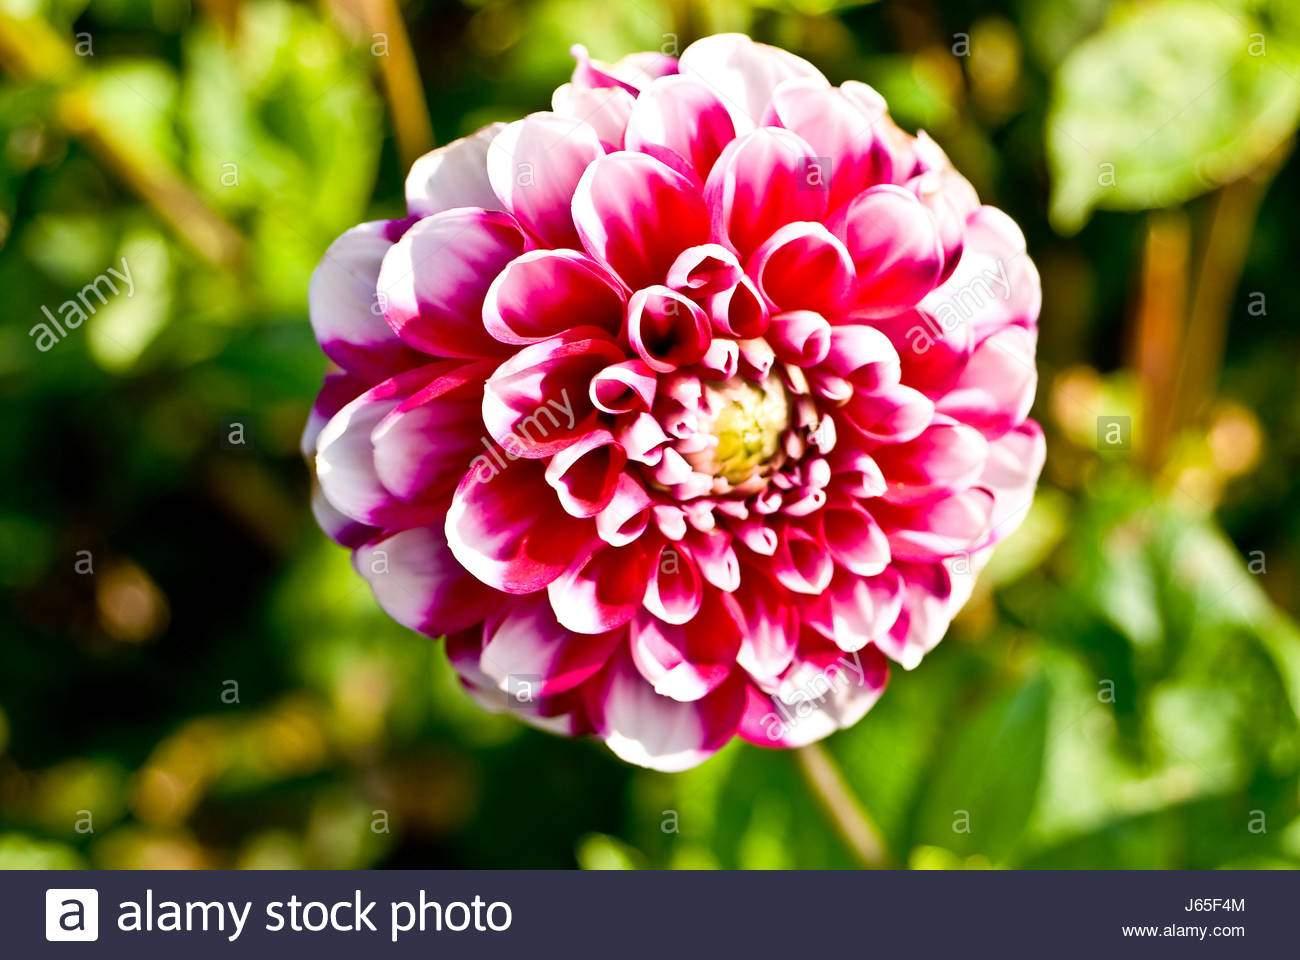 garten blume pflanze flora dahlie lila rosa schone garten beauteously schon j65f4m